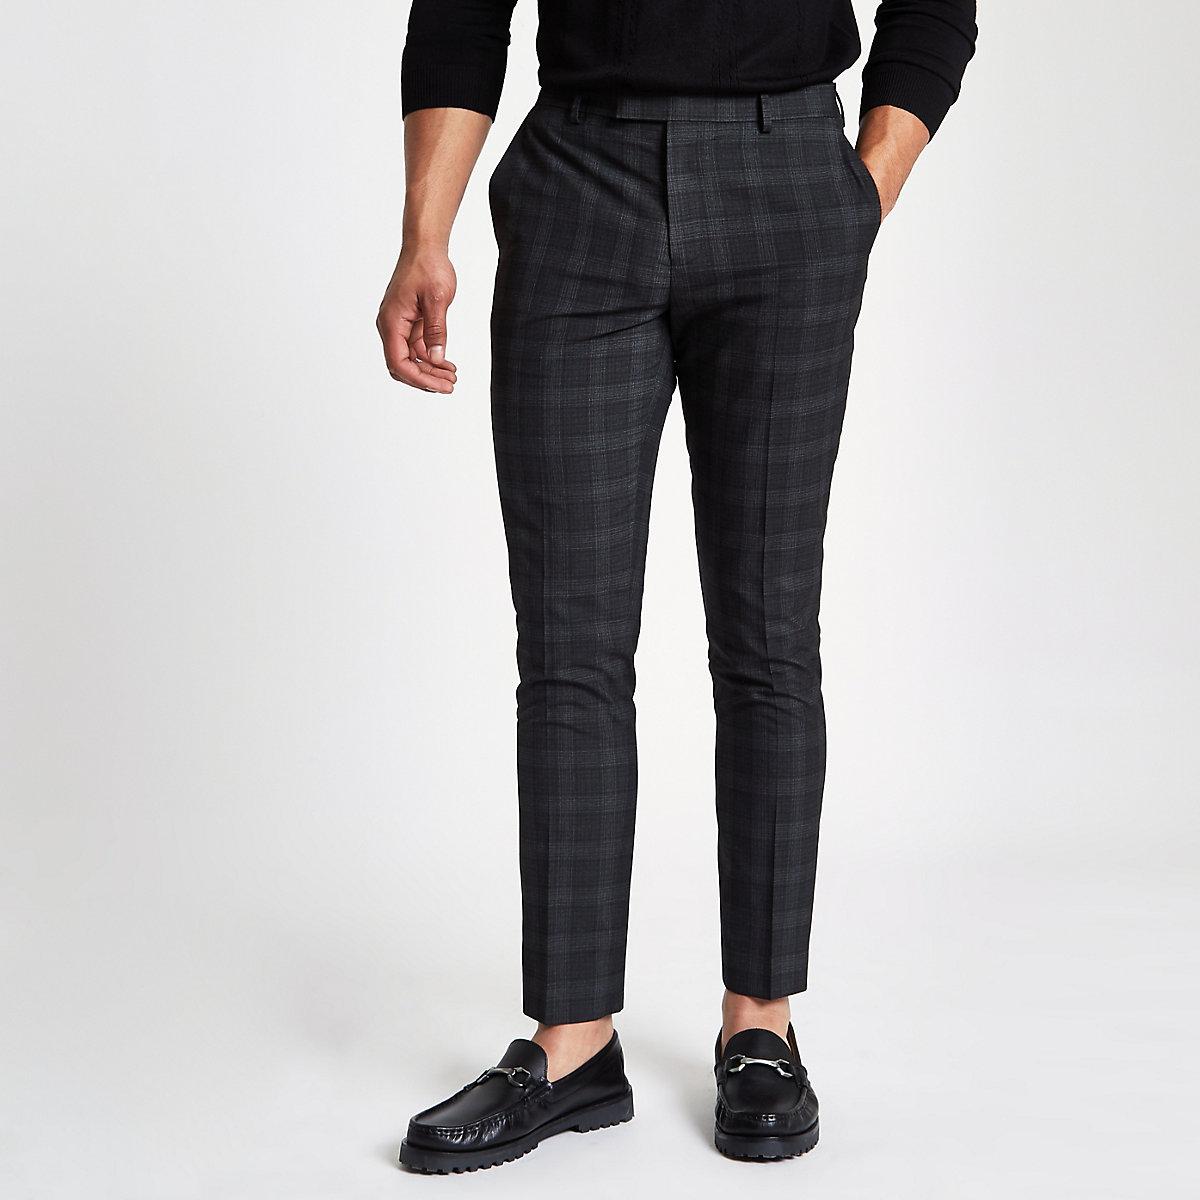 Dark grey check skinny fit smart pants